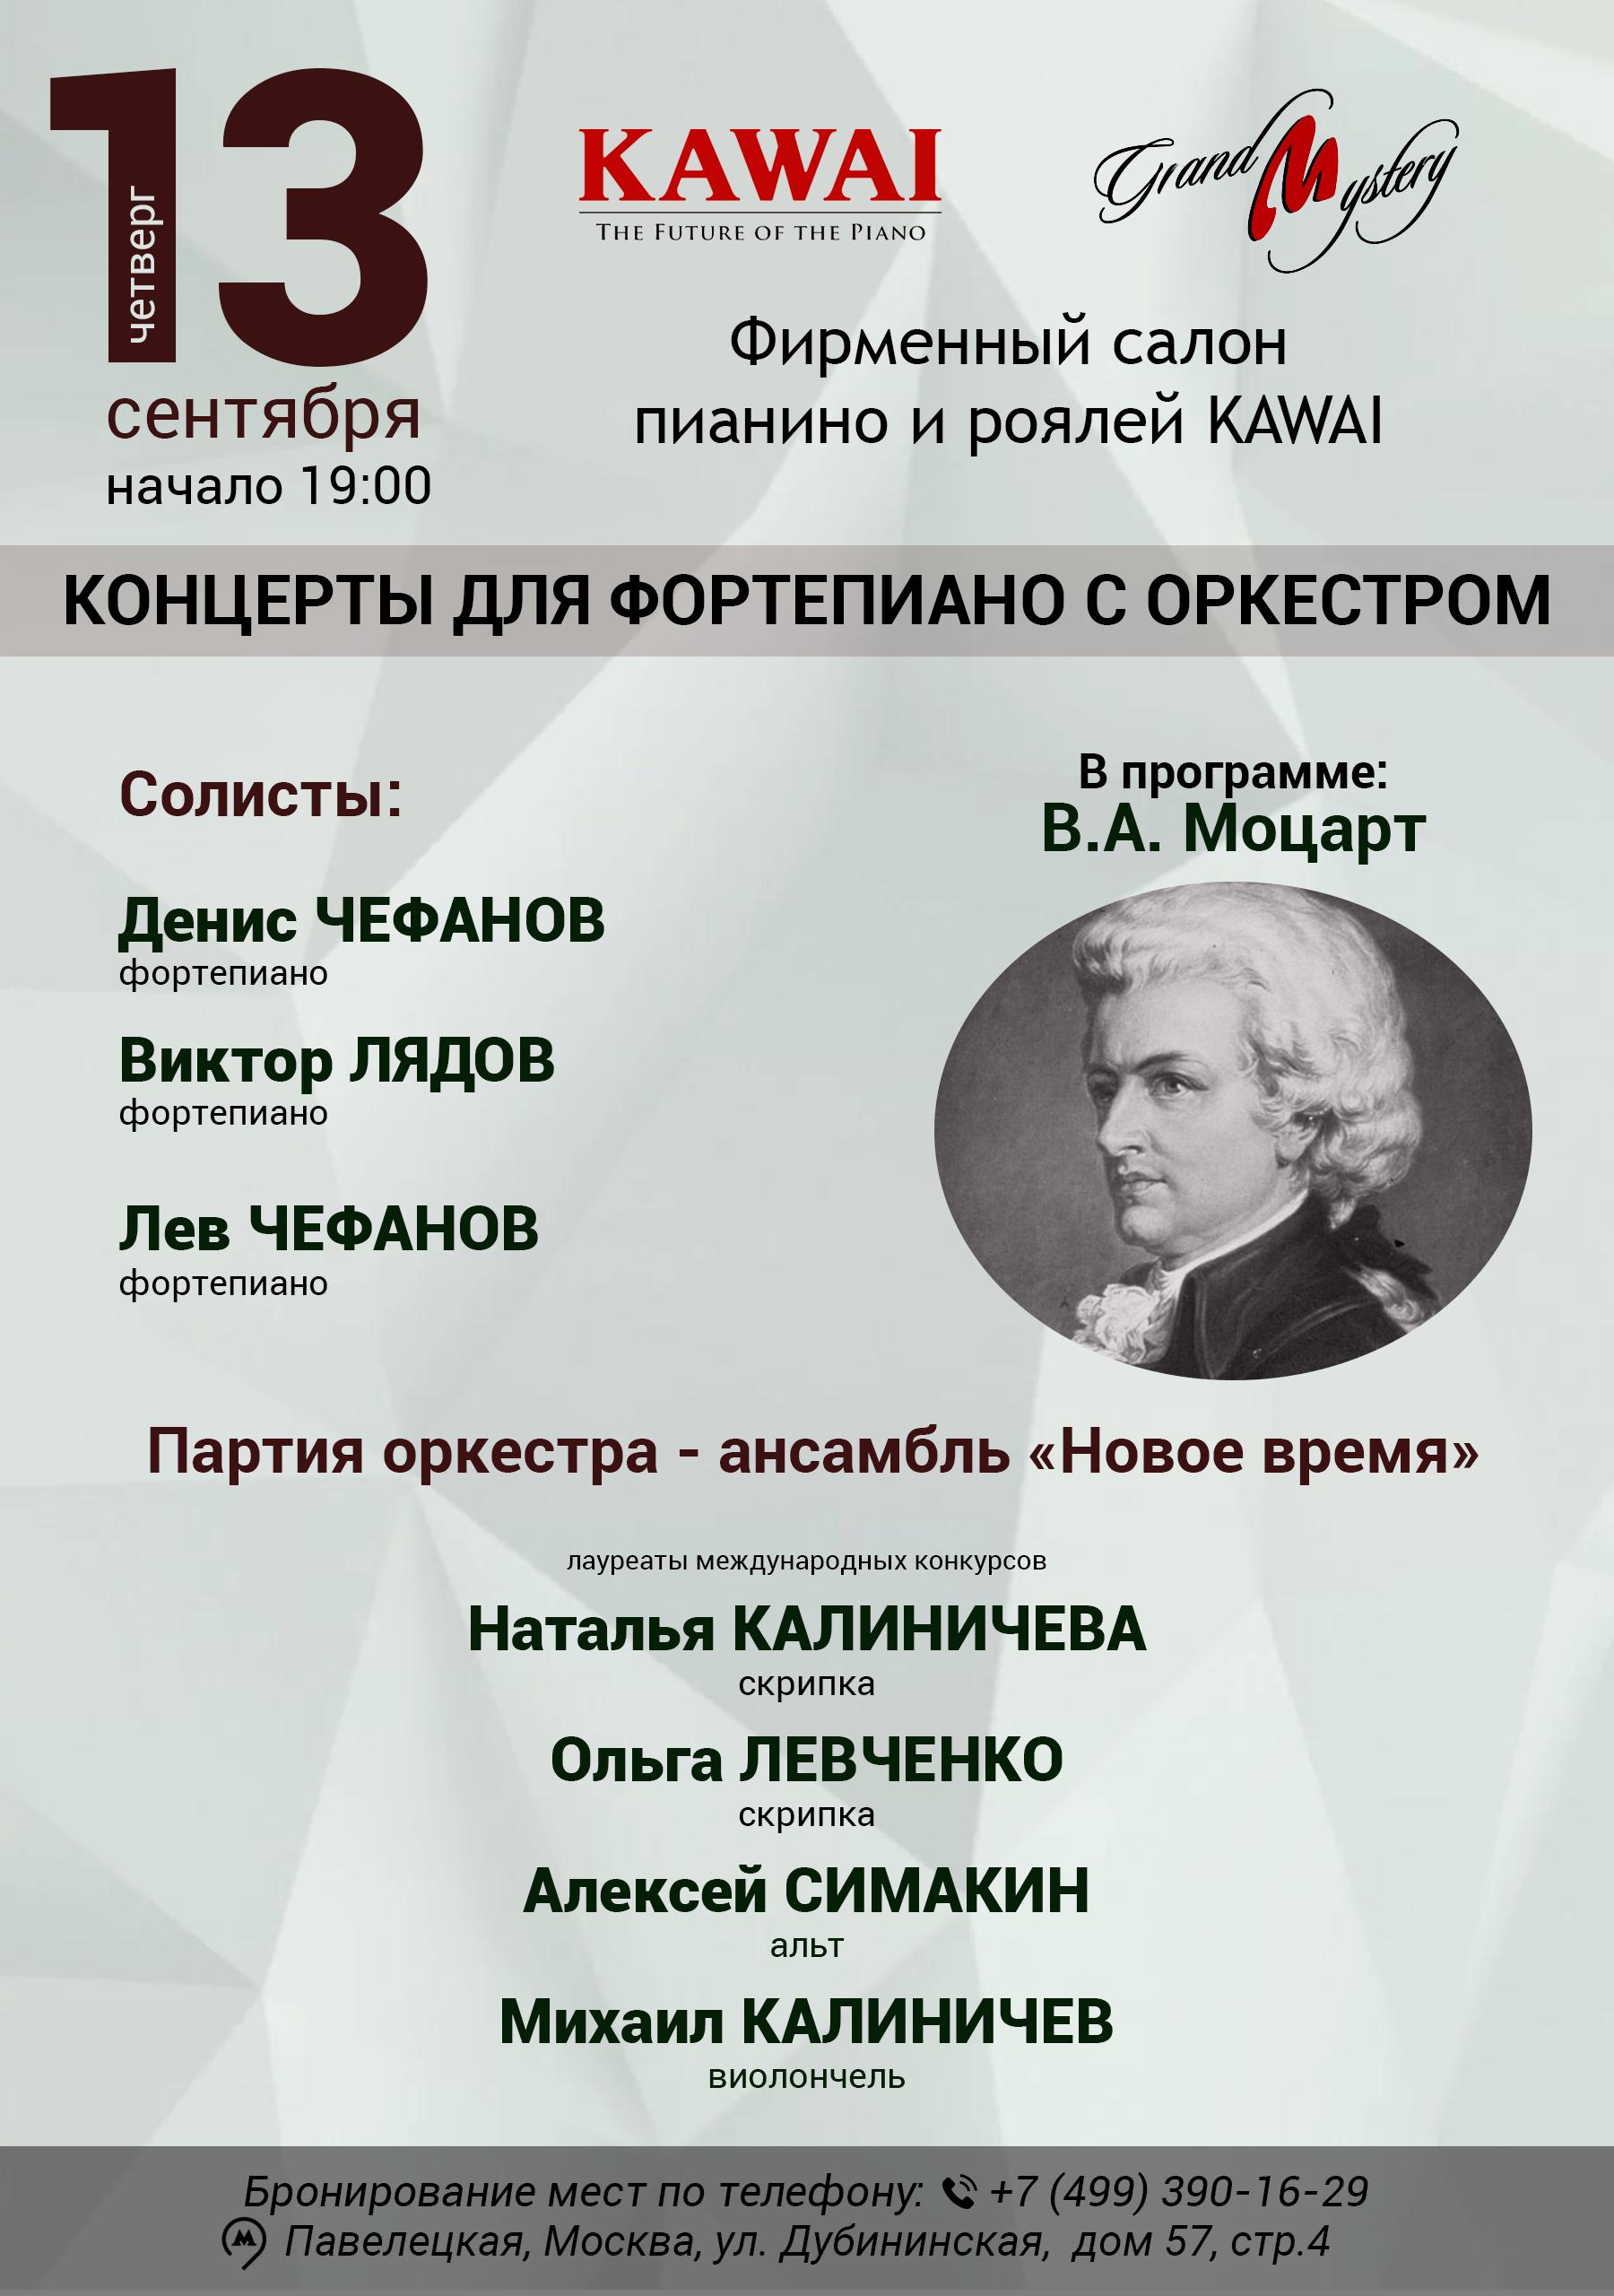 В.А. Моцарт - Концерты для фортепиано с оркестром